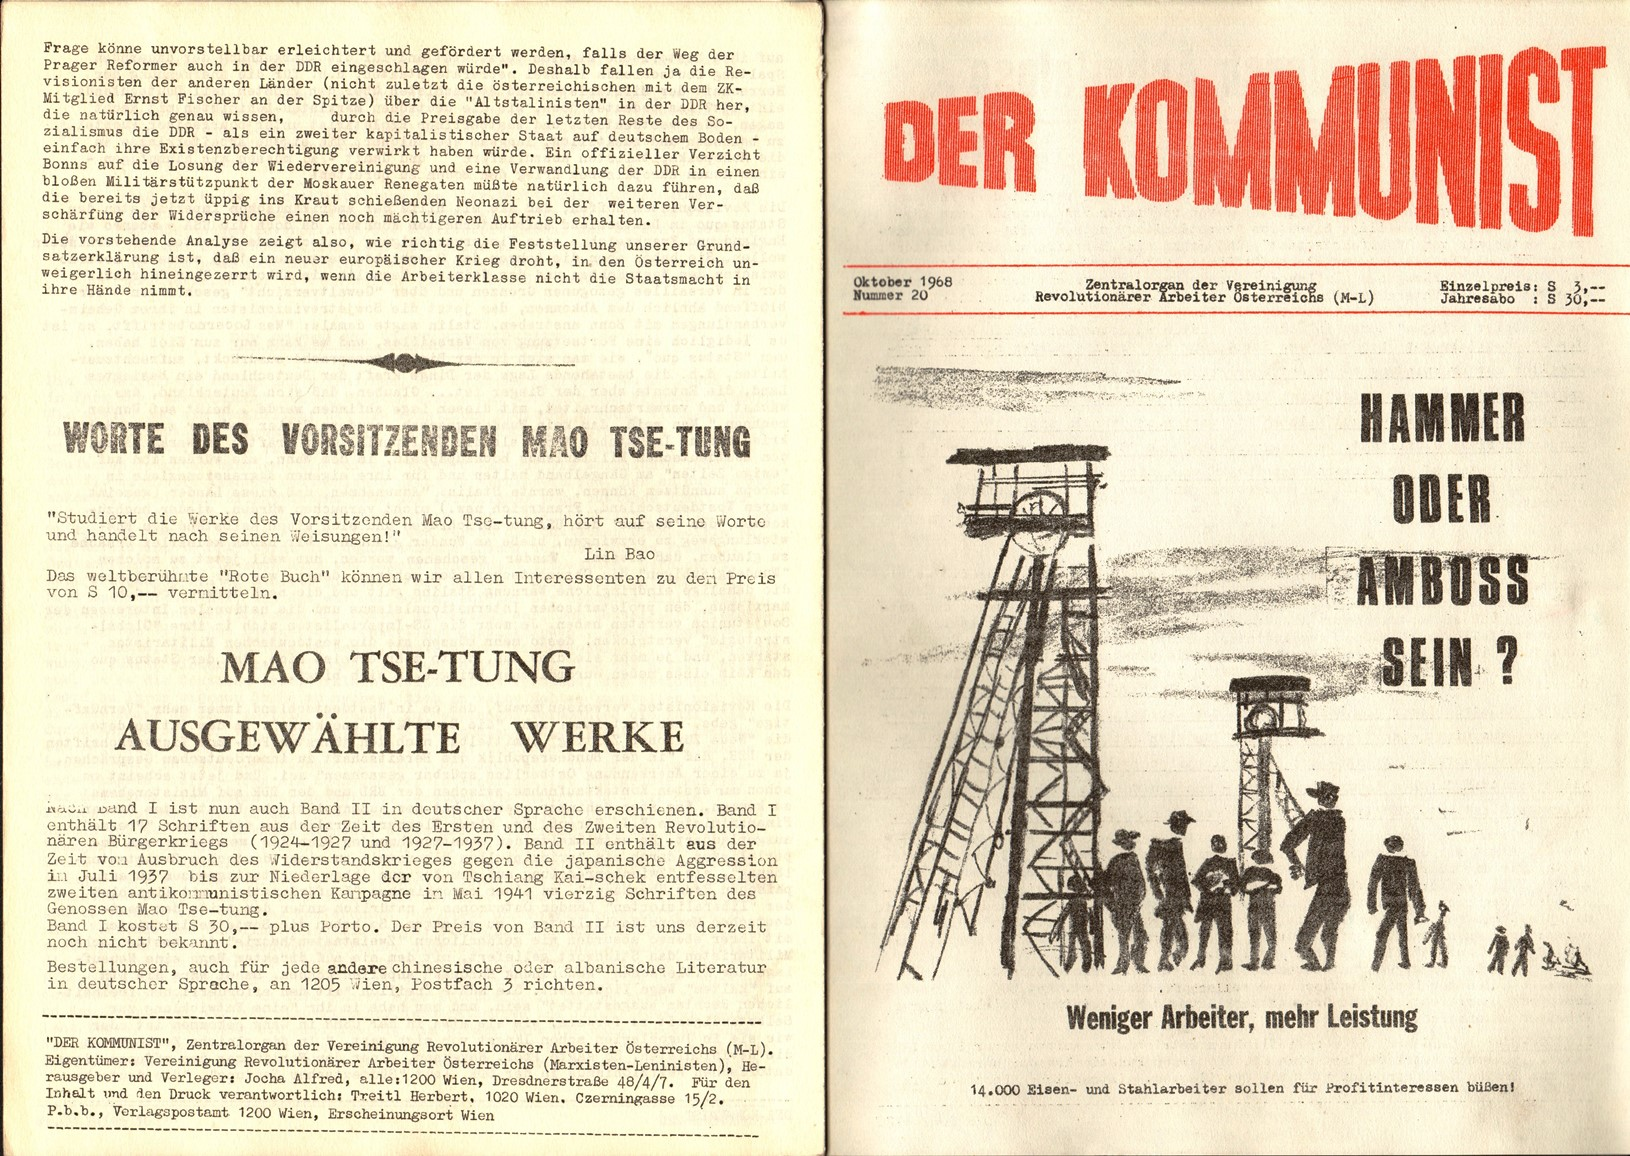 VRA_Der_Kommunist_19681000_01